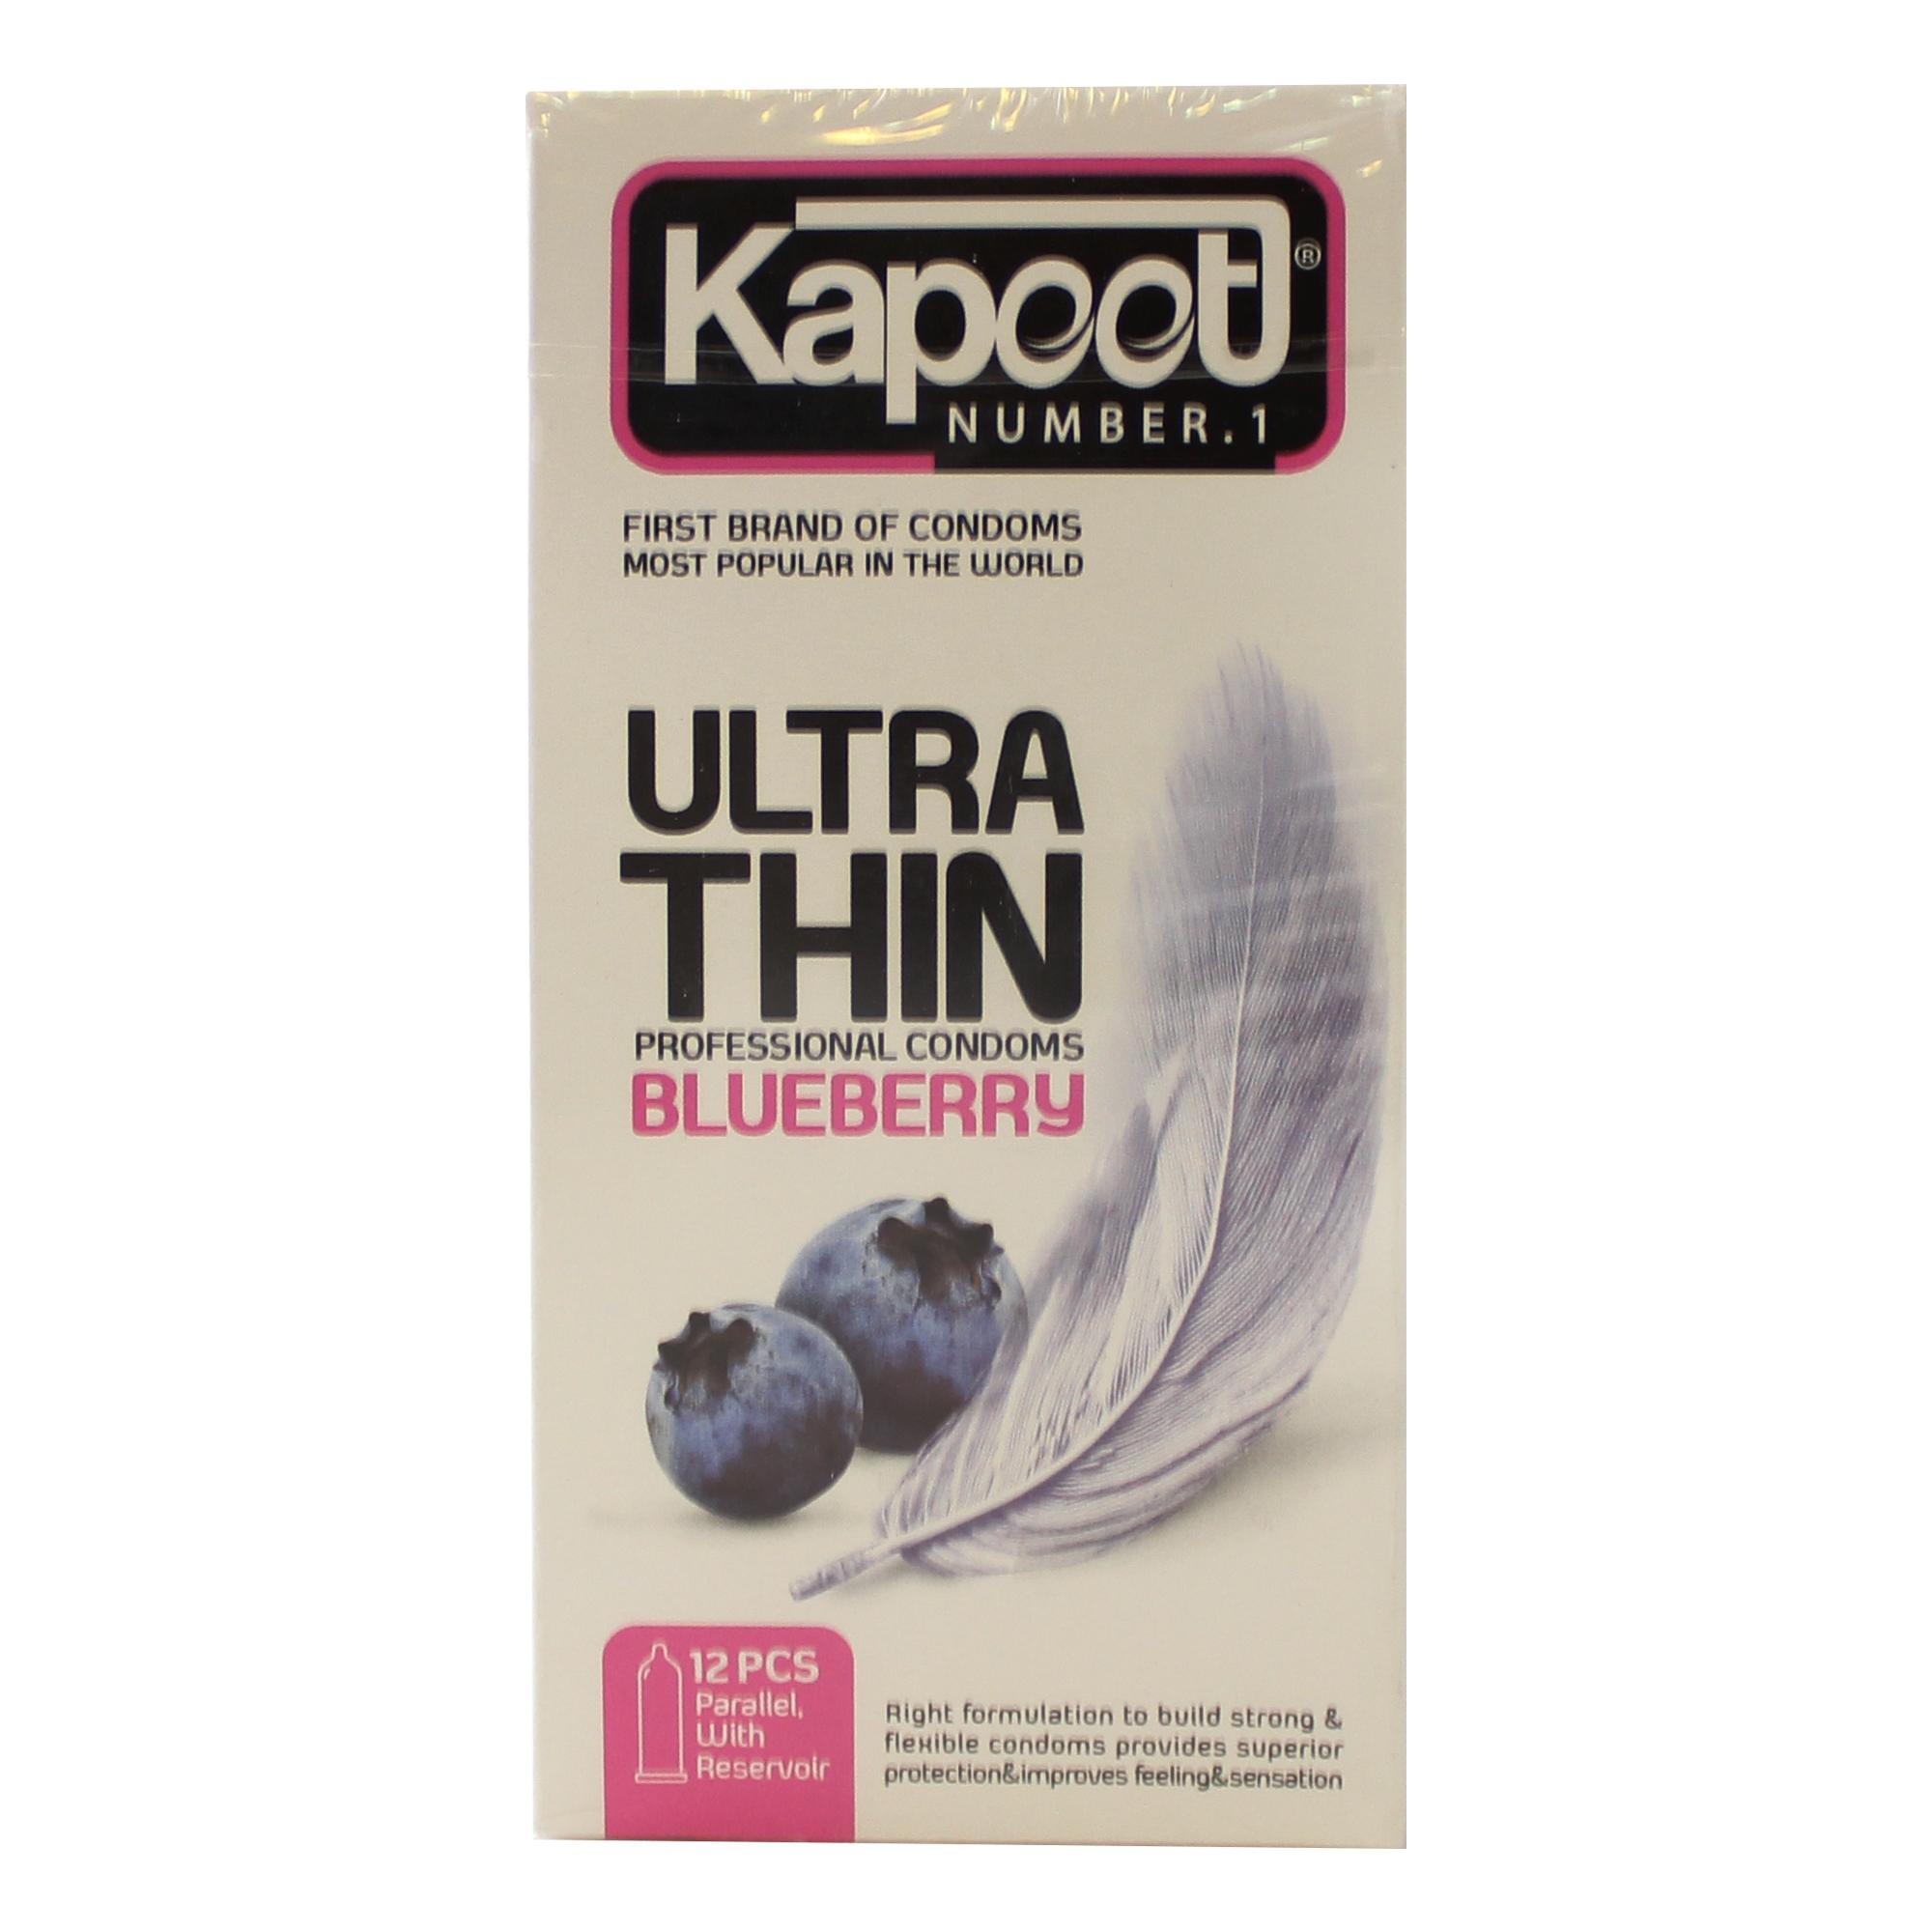 کاندوم کاپوت مدل Ultra Thin بسته 12 عددی